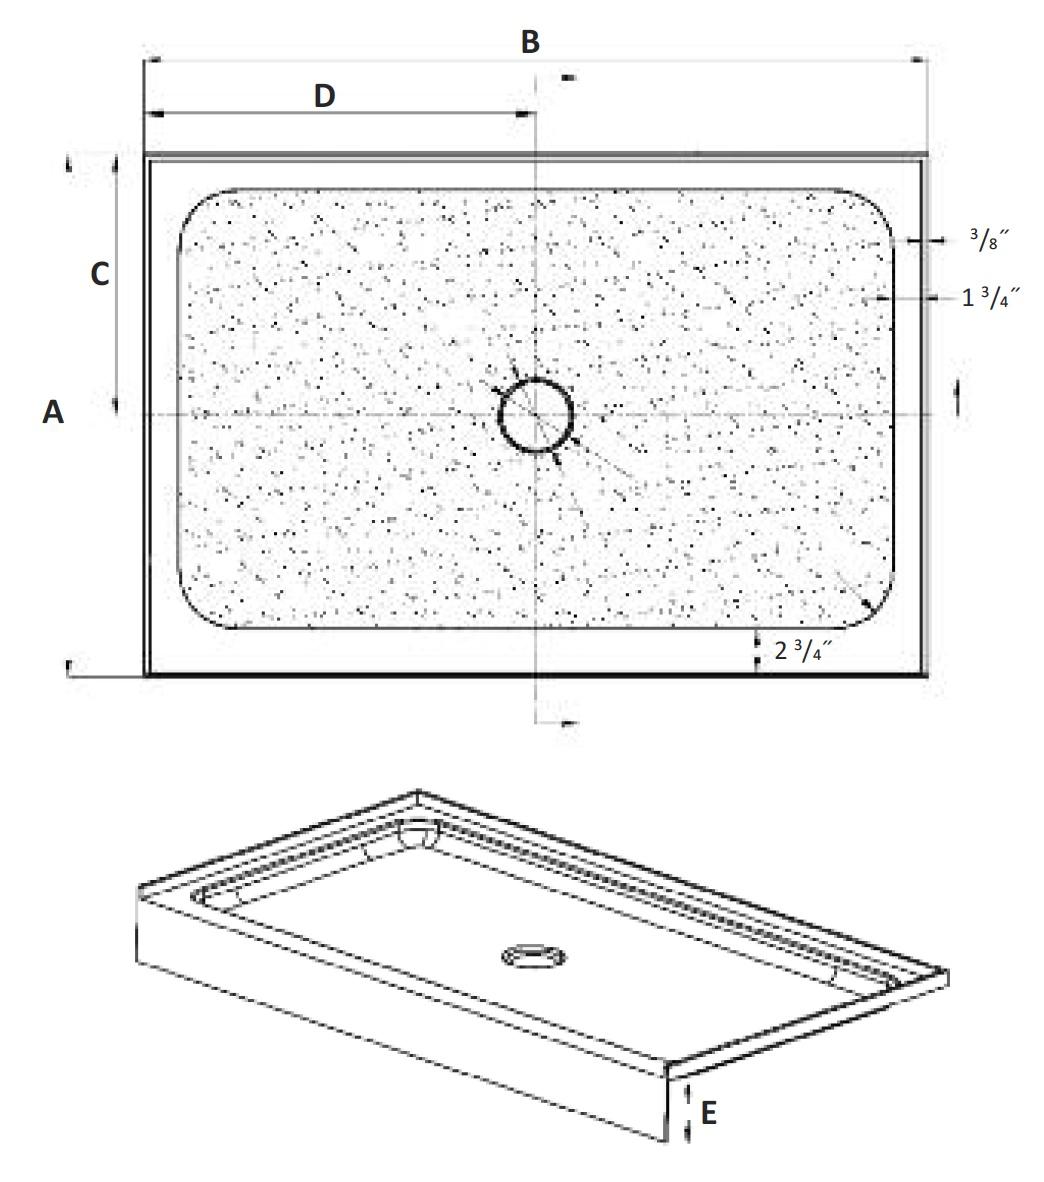 UT09-4832 Dimensions